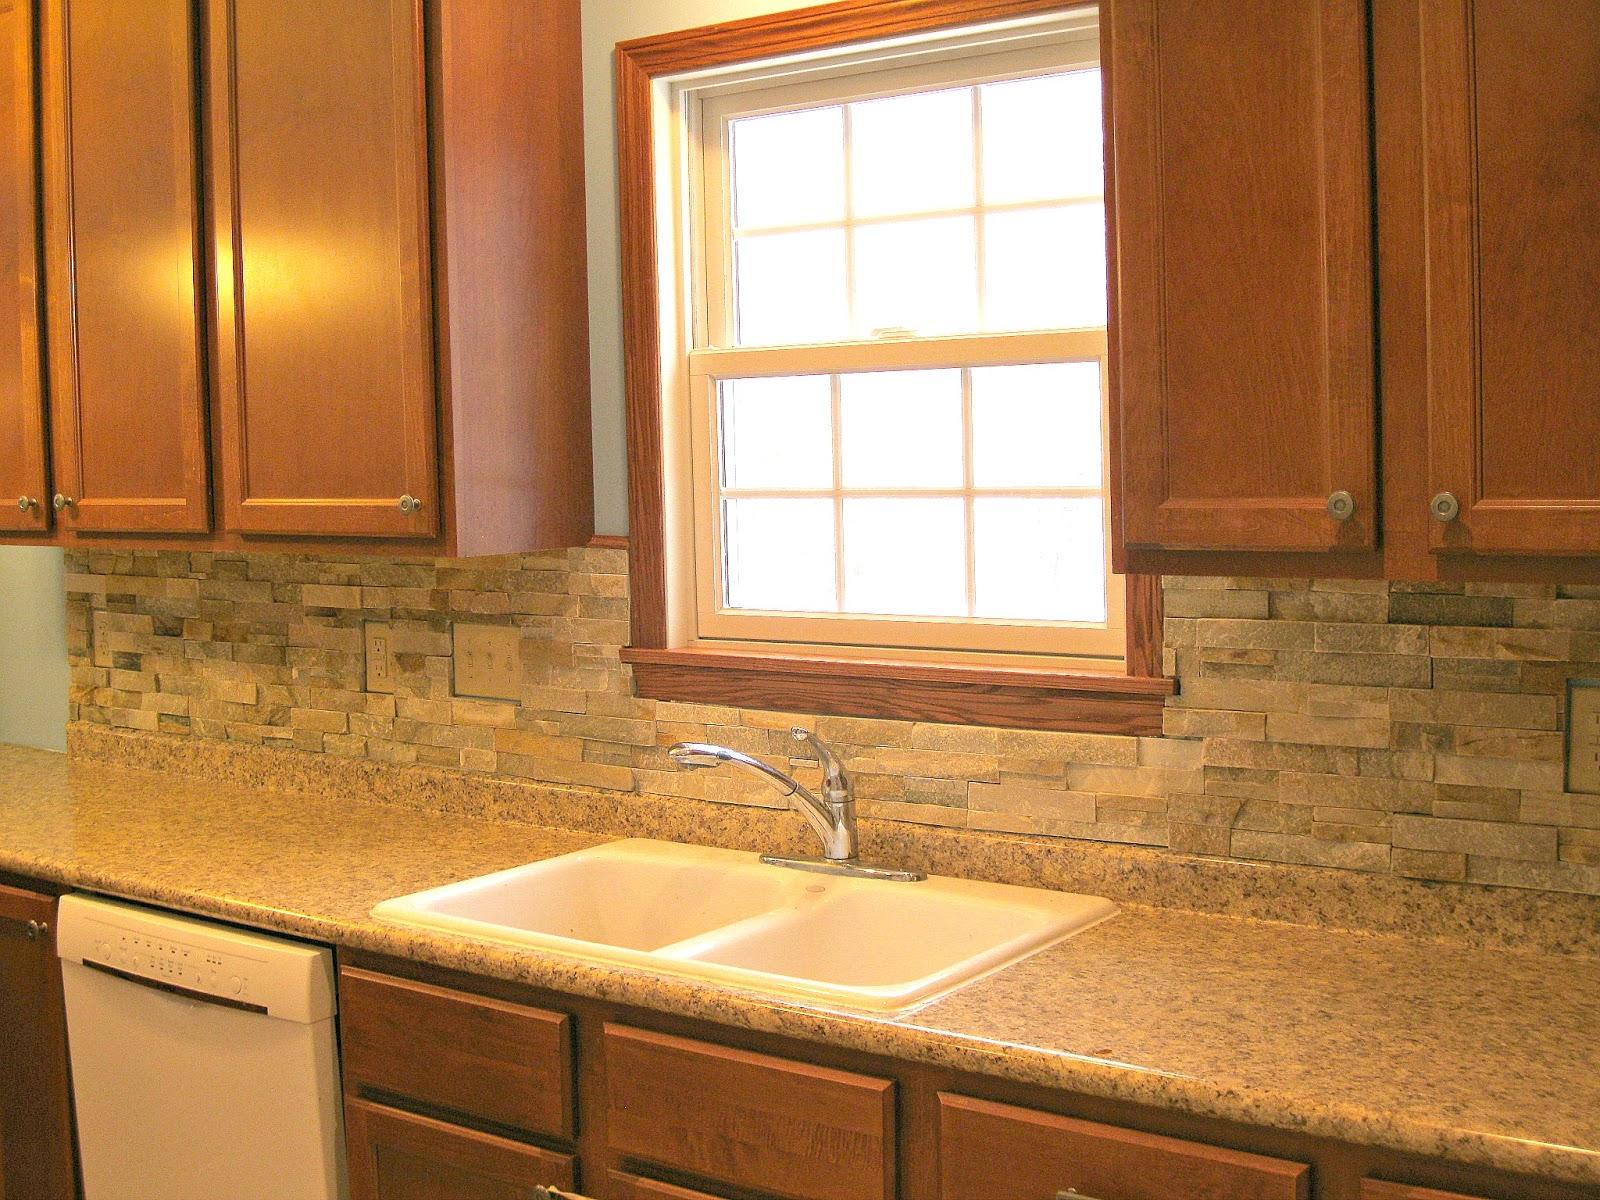 before after kitchen backsplash backsplash kitchen Before After Kitchen Backsplash